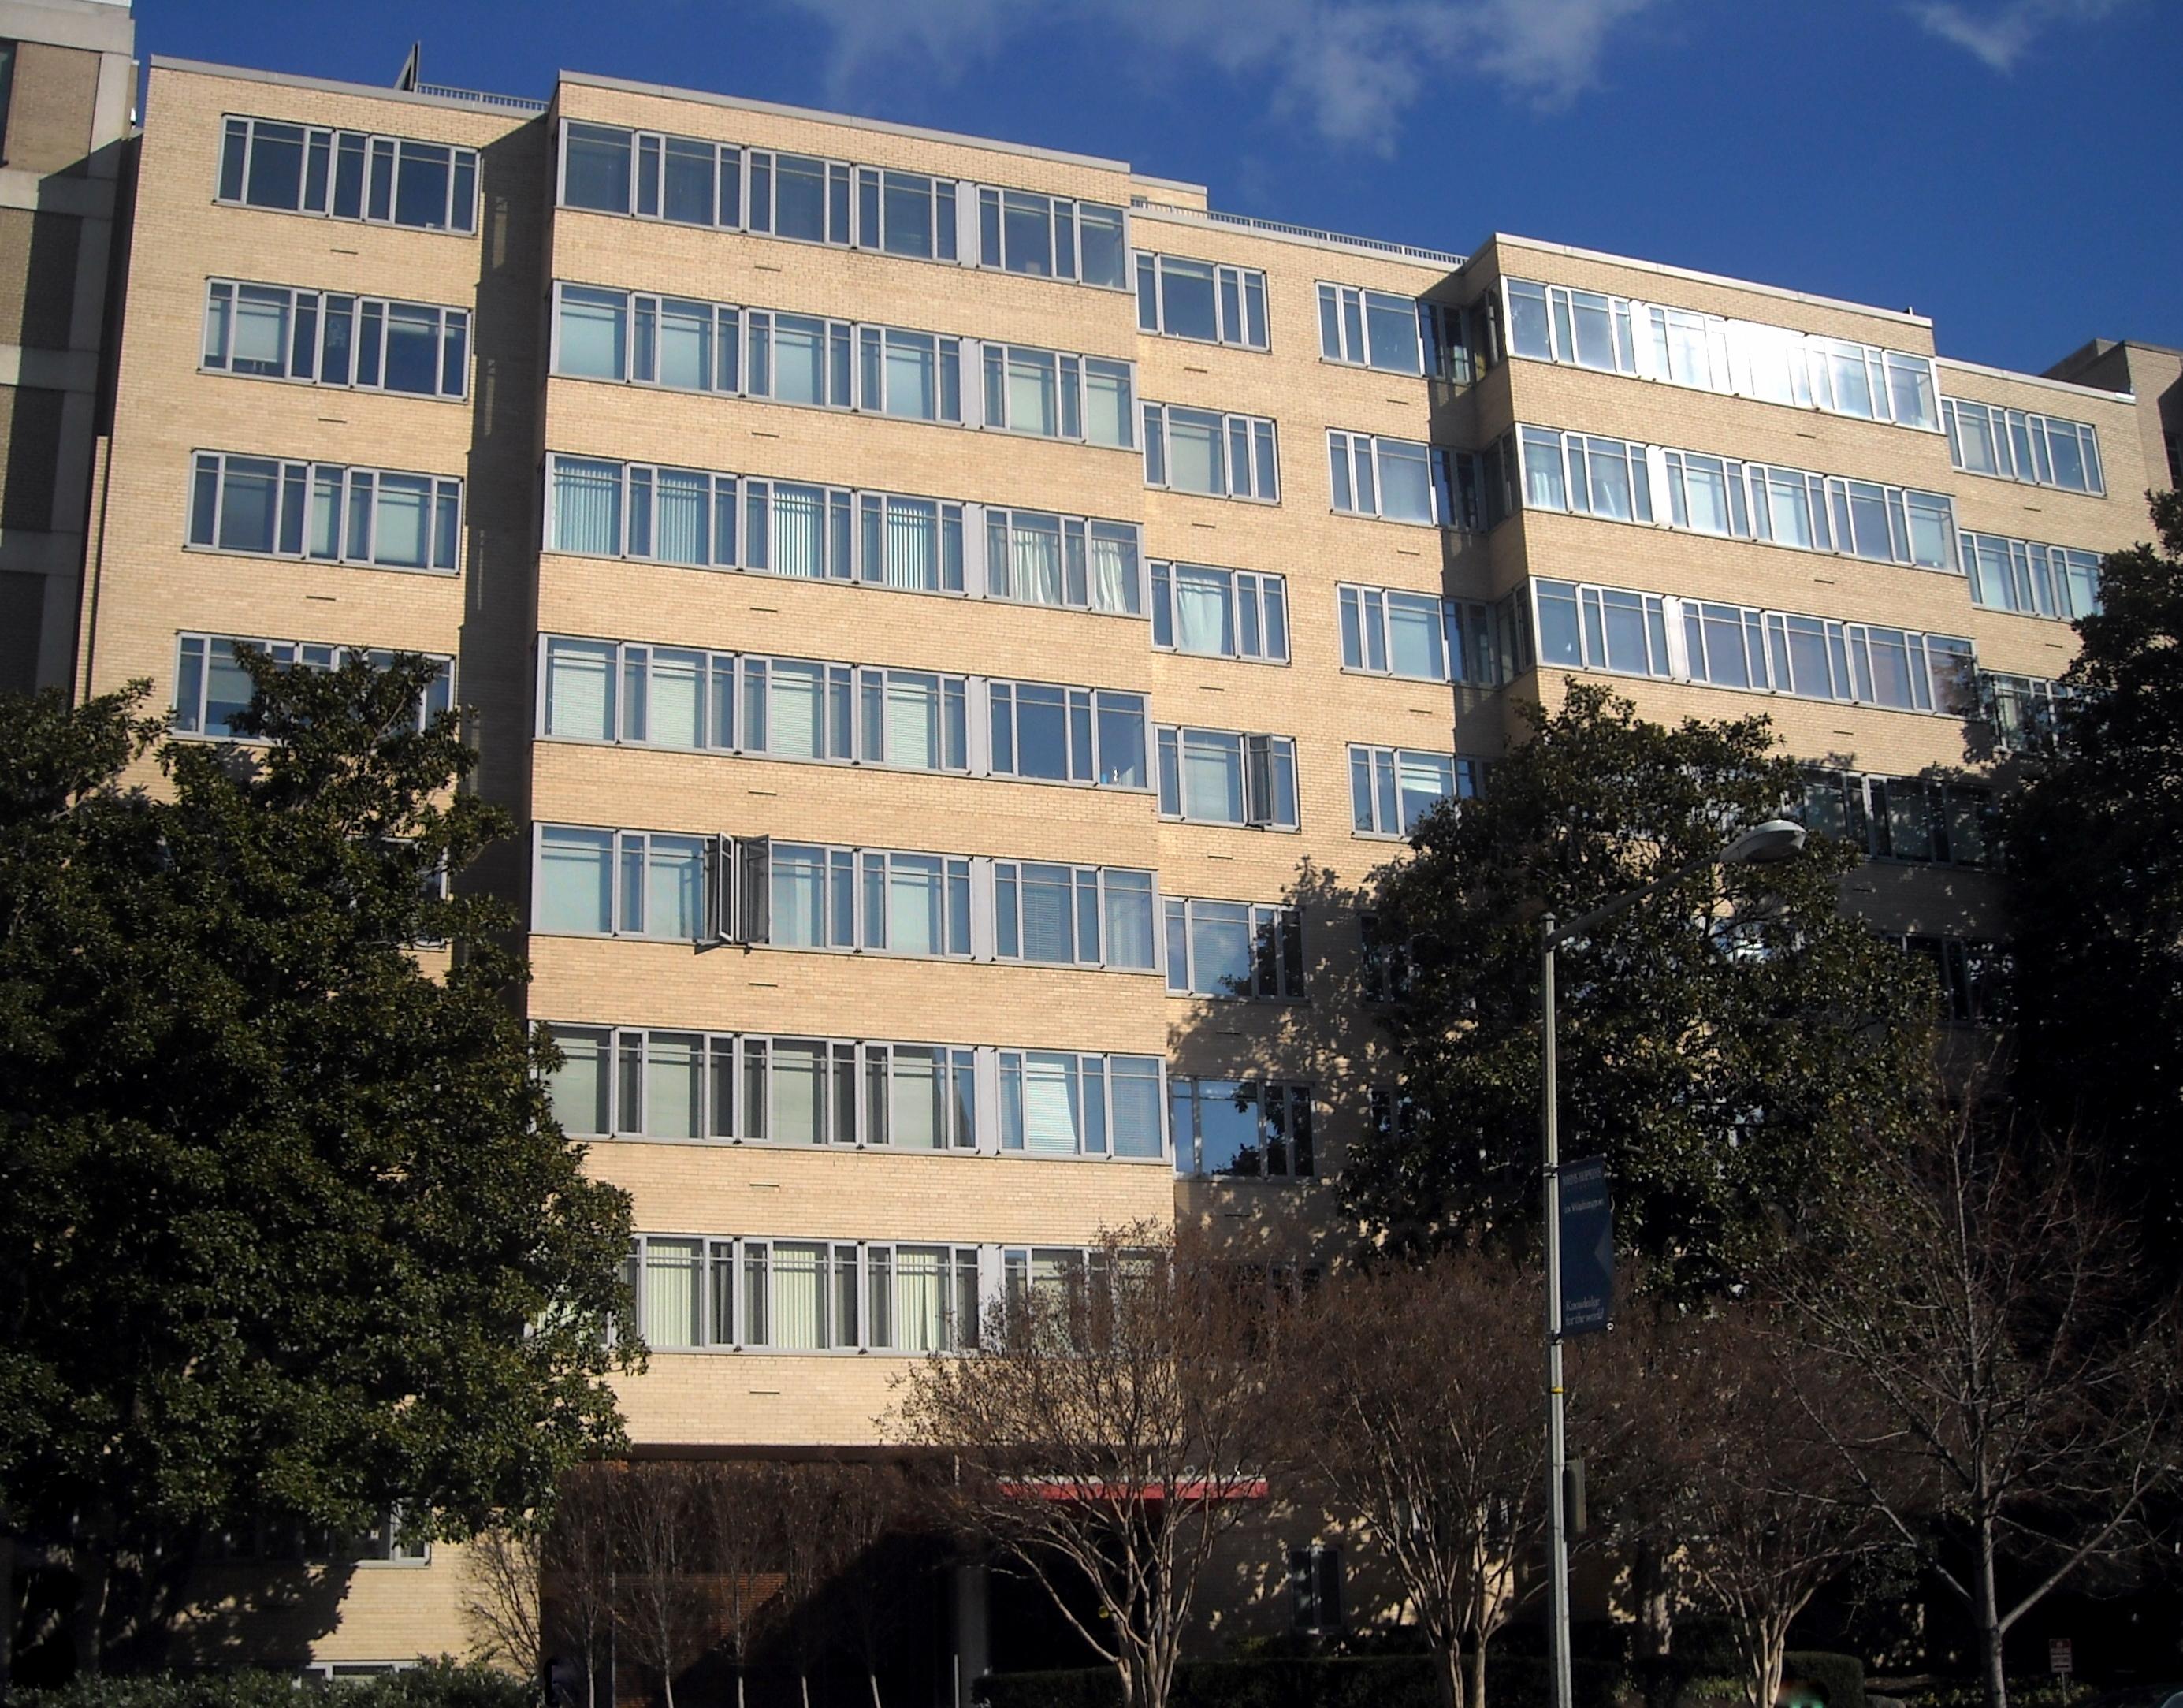 Condominium House File:boston house condominium.